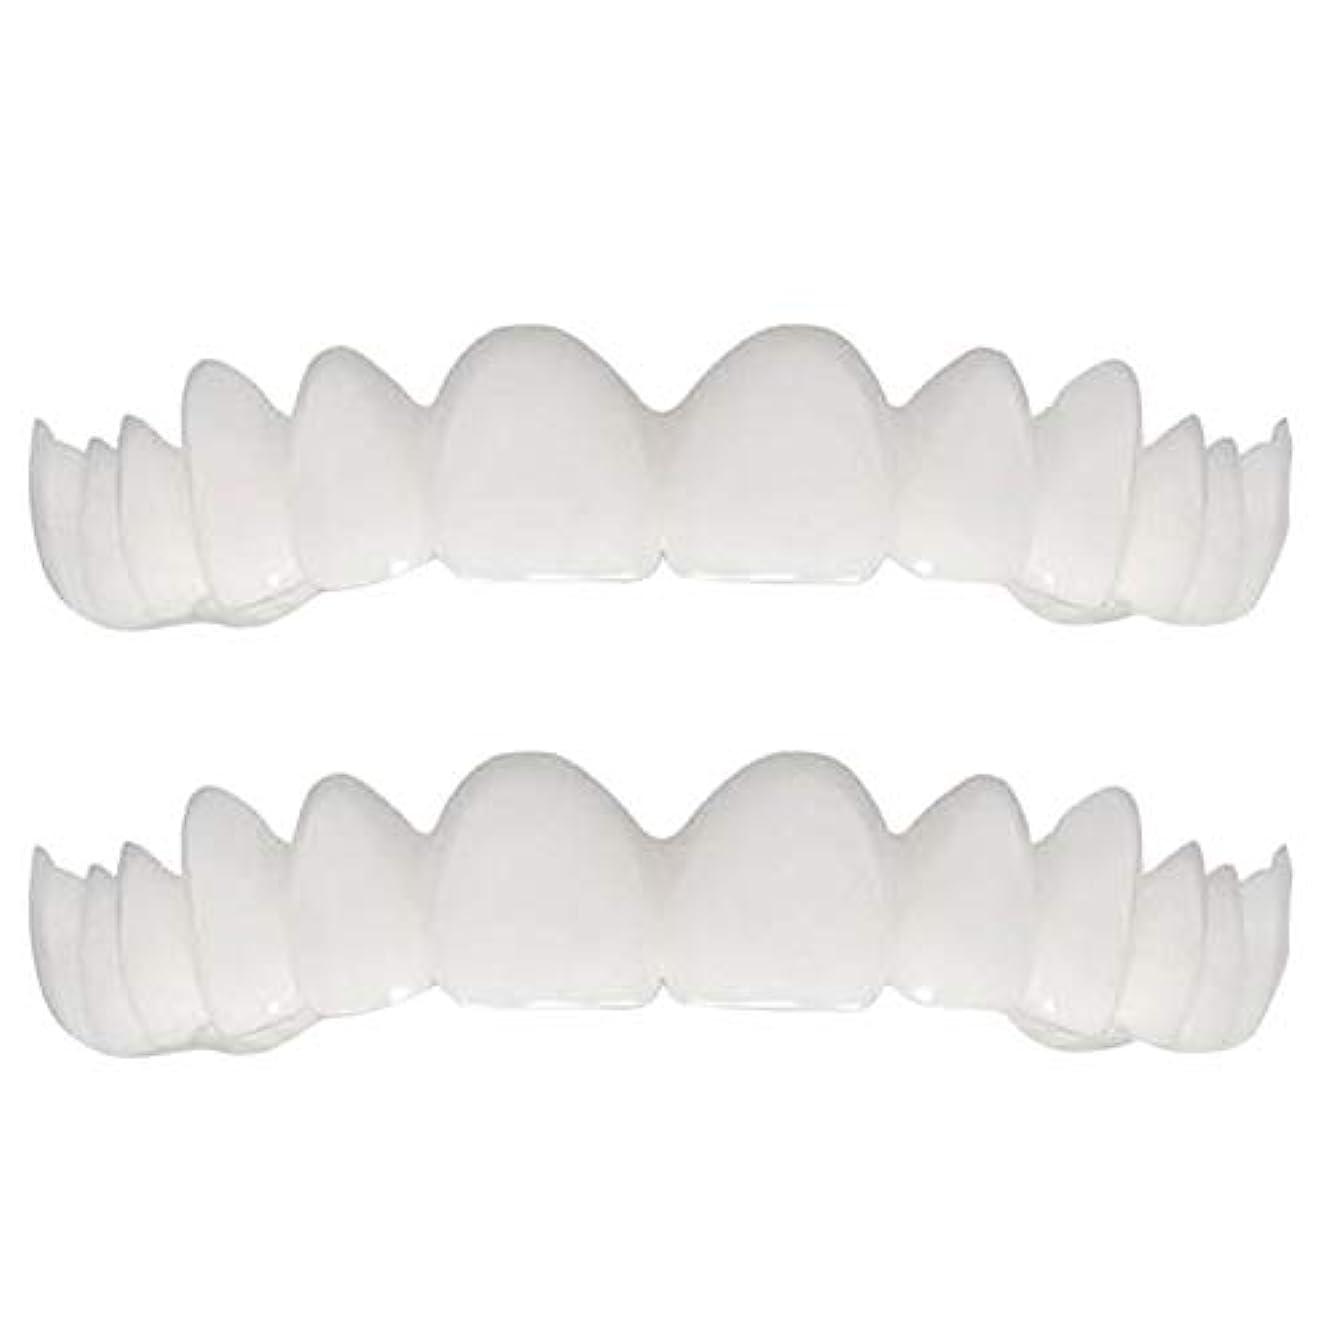 感謝ライム過言シリコーンシミュレーション義歯、上下歯列の白い歯ブレース(1セット),Boxed,UpperLower